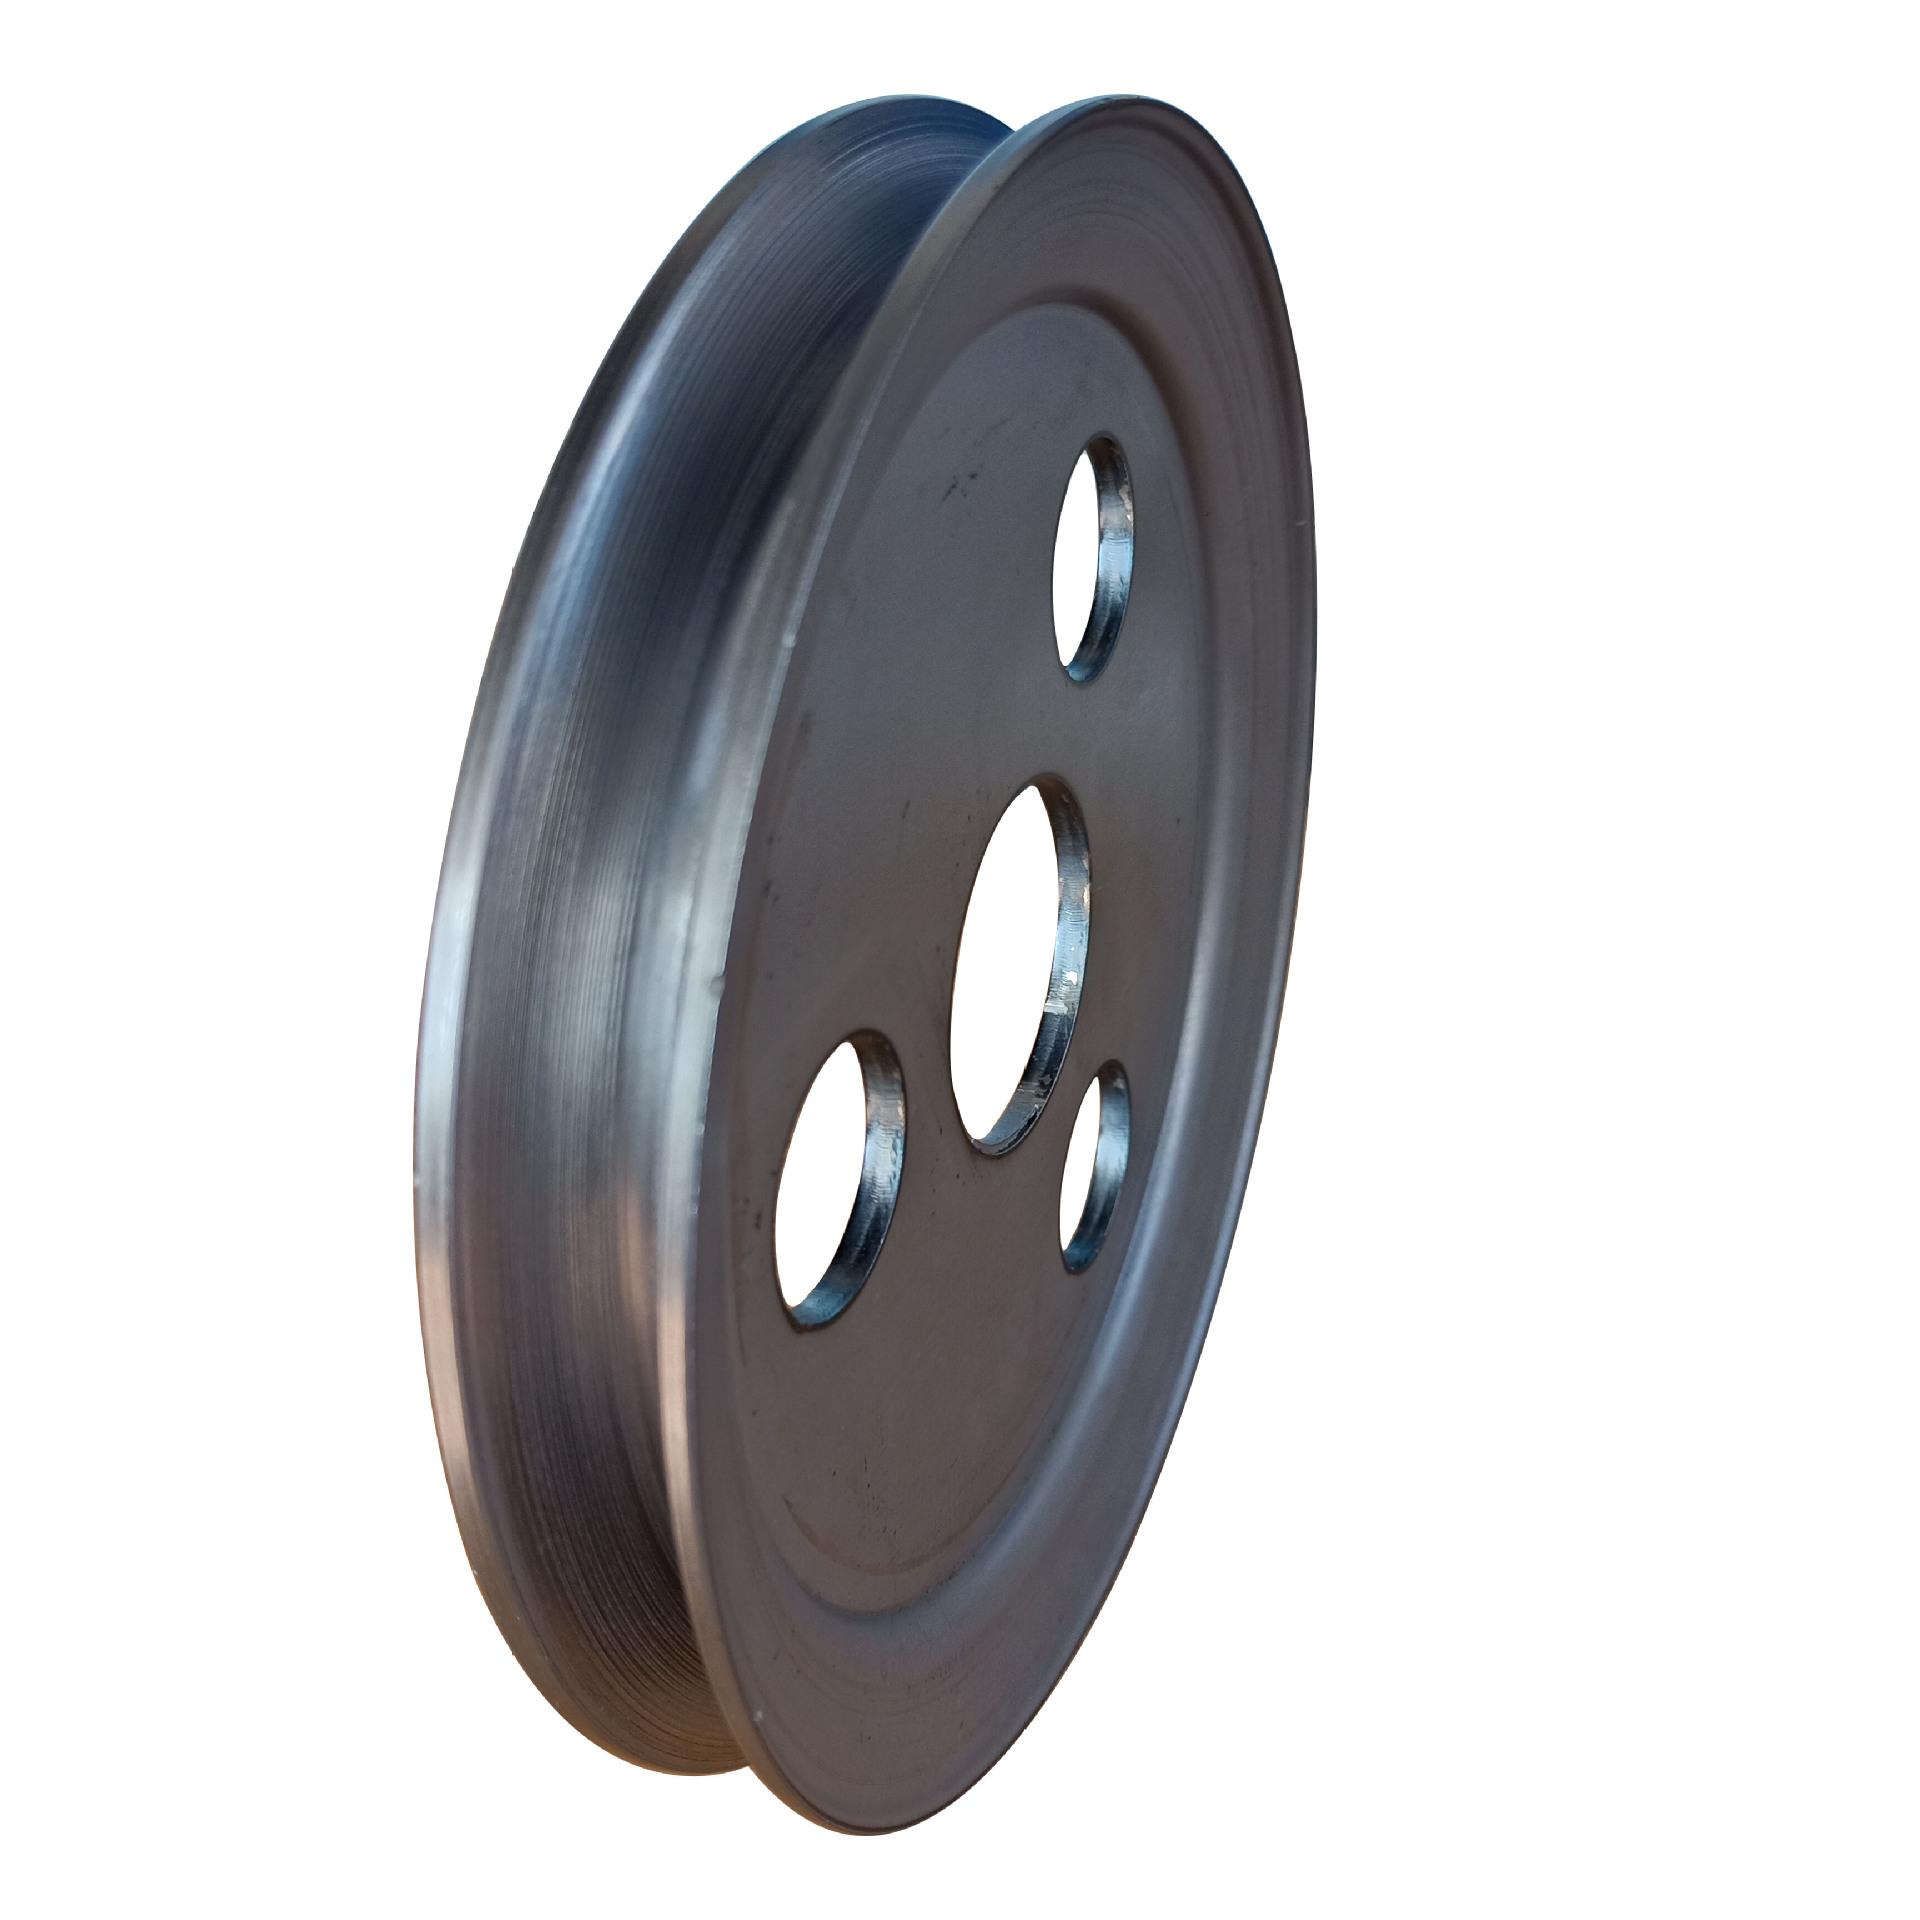 厂家直销单槽 V型 劈开式 旋压皮带轮、可加工定制示例图1